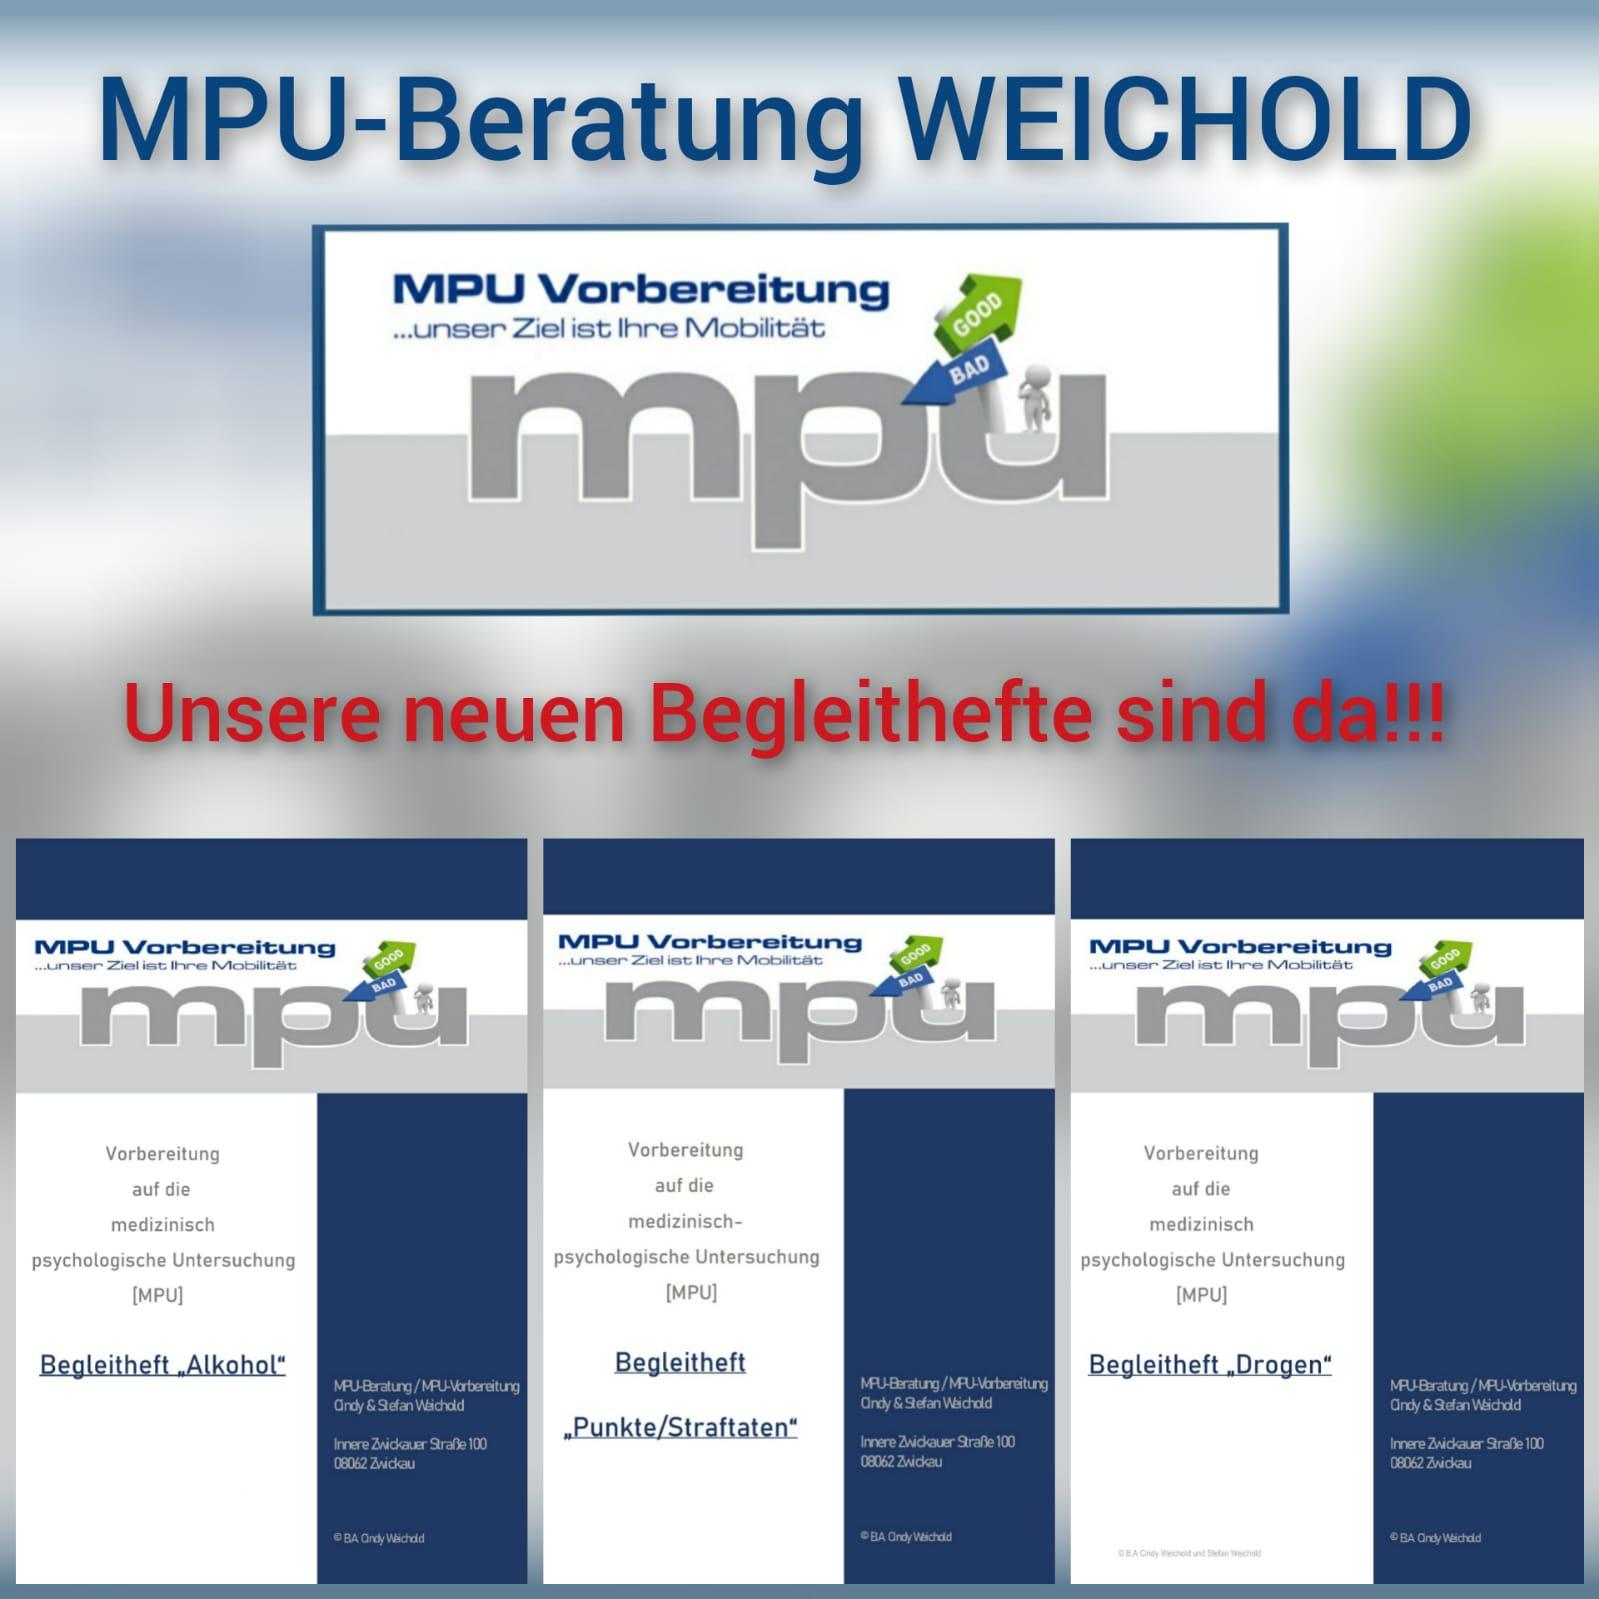 IMG-20210130-WA0005